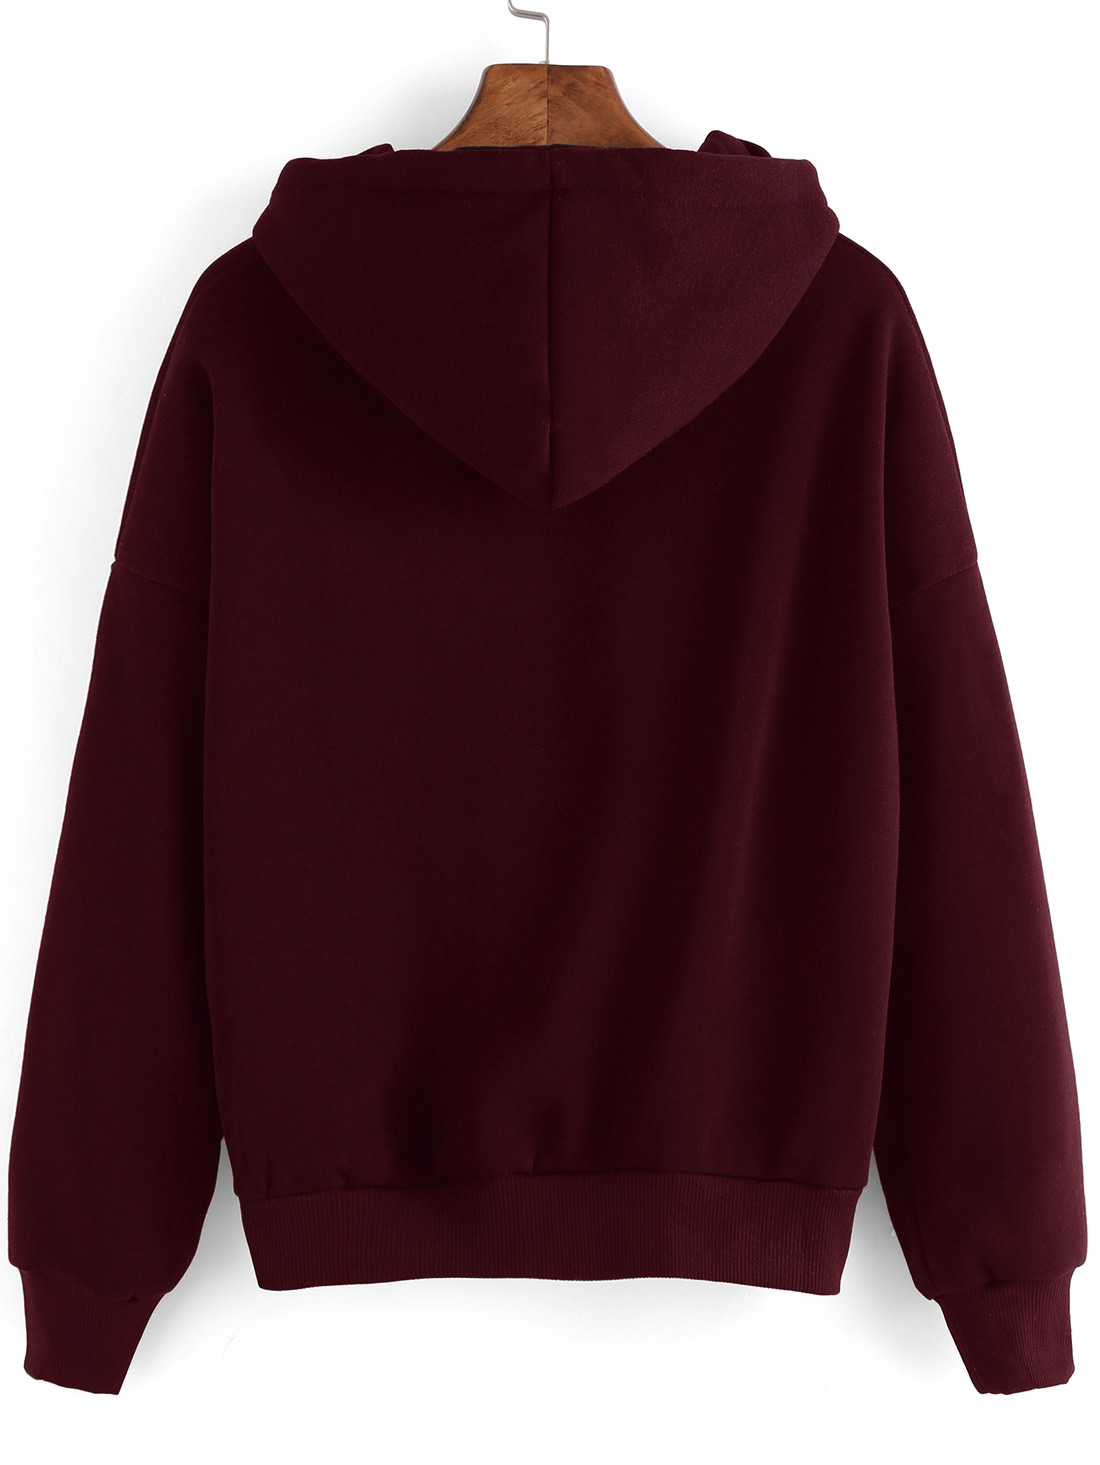 sweatshirt160826121_2